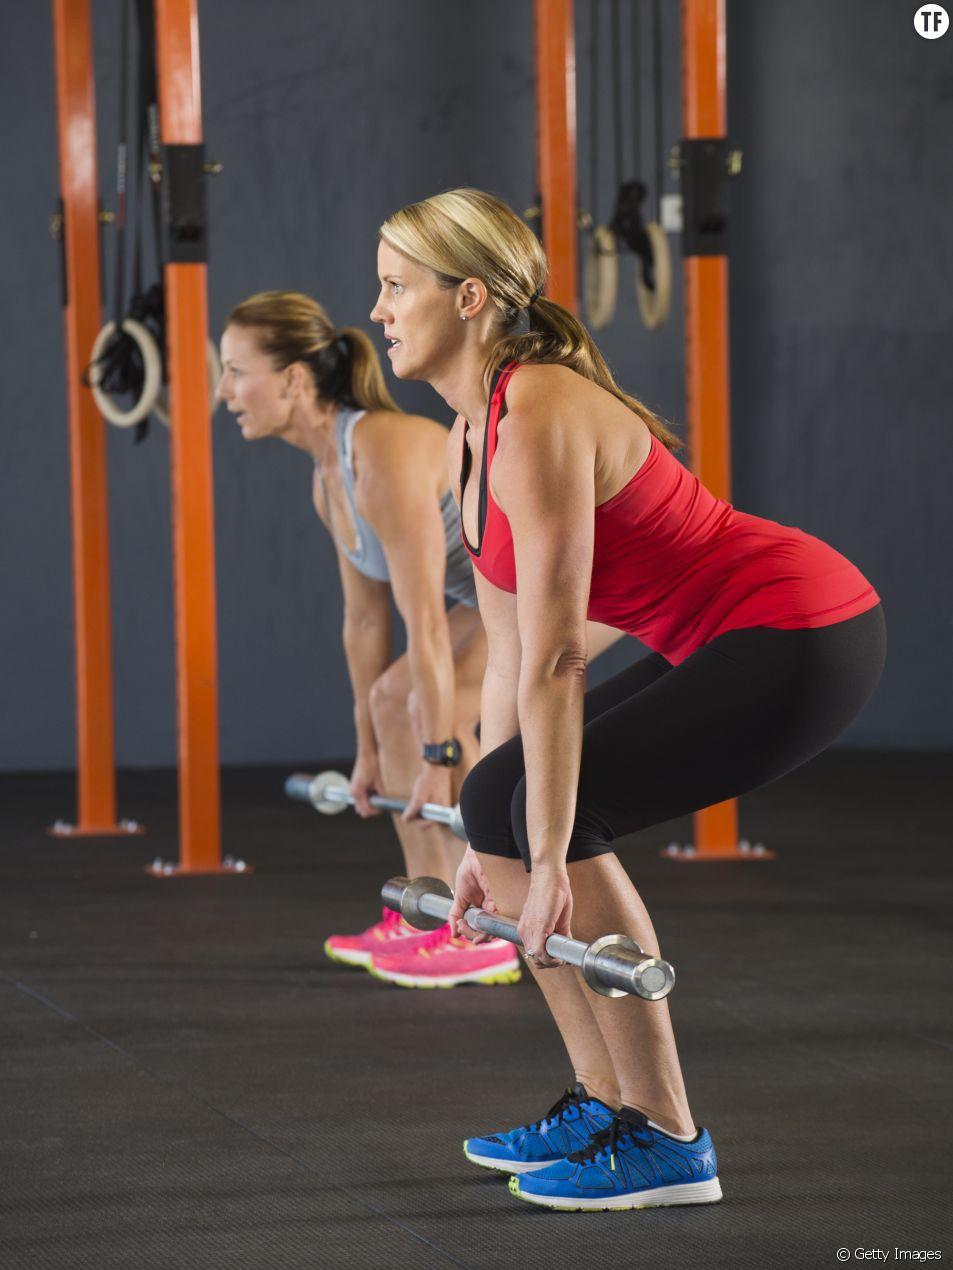 Femme faisant de l'exercice